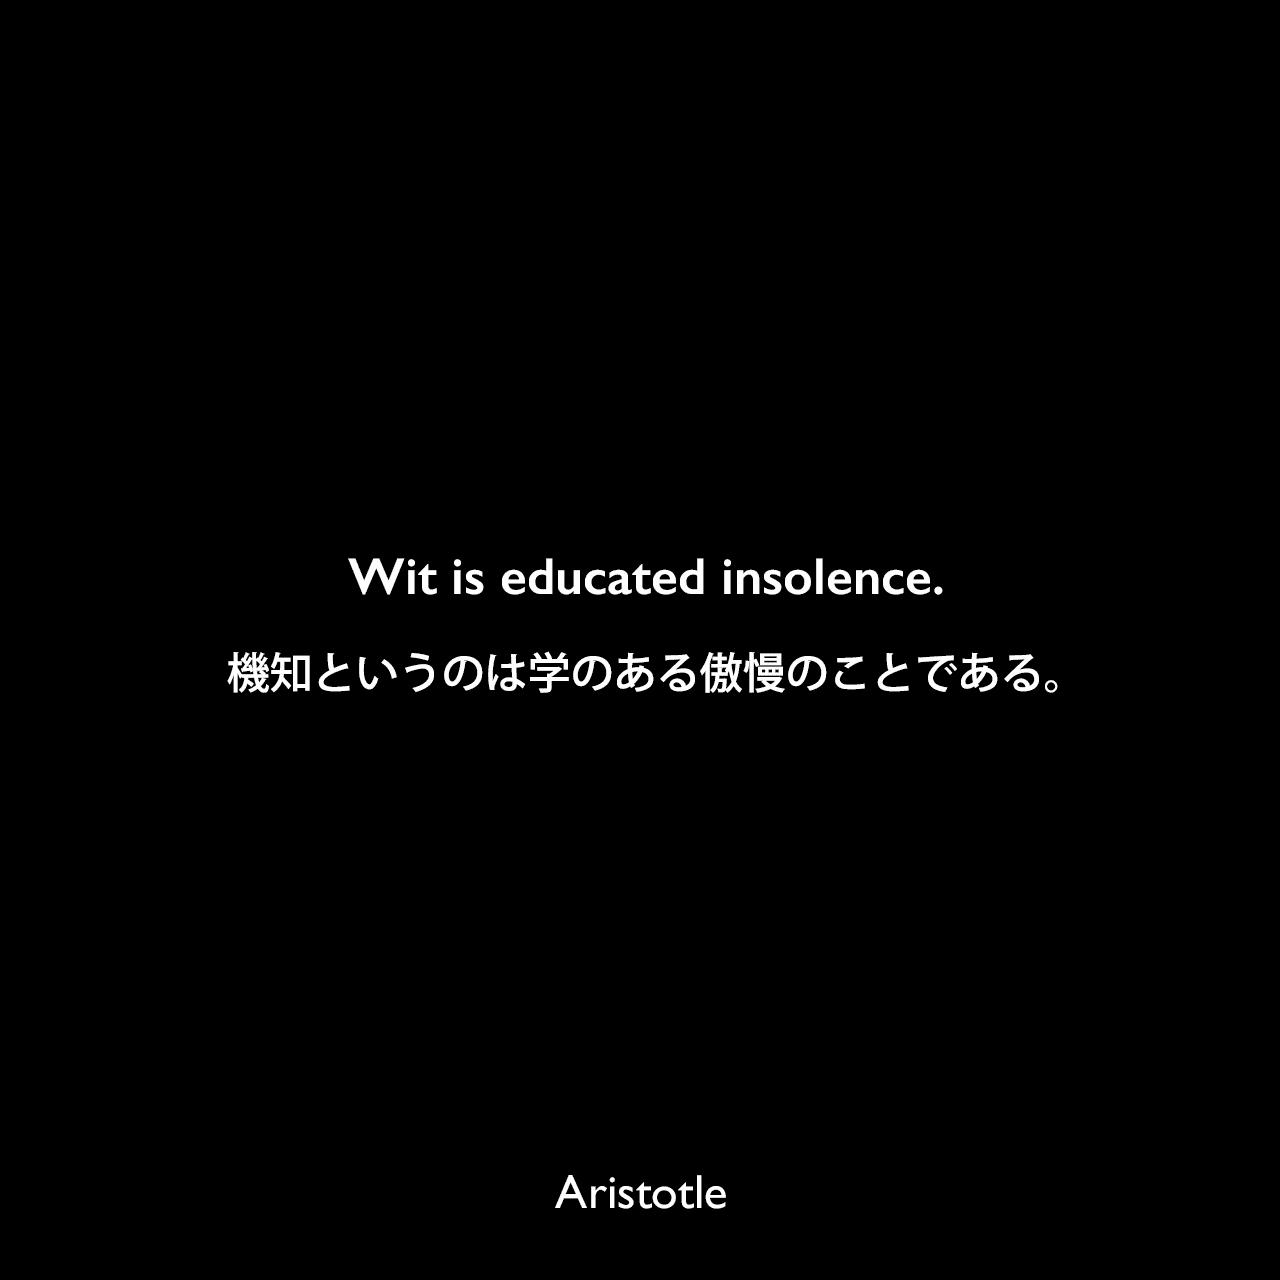 Wit is educated insolence.機知というのは学のある傲慢のことである。- アリストテレスの著書「弁論術」よりAristotle